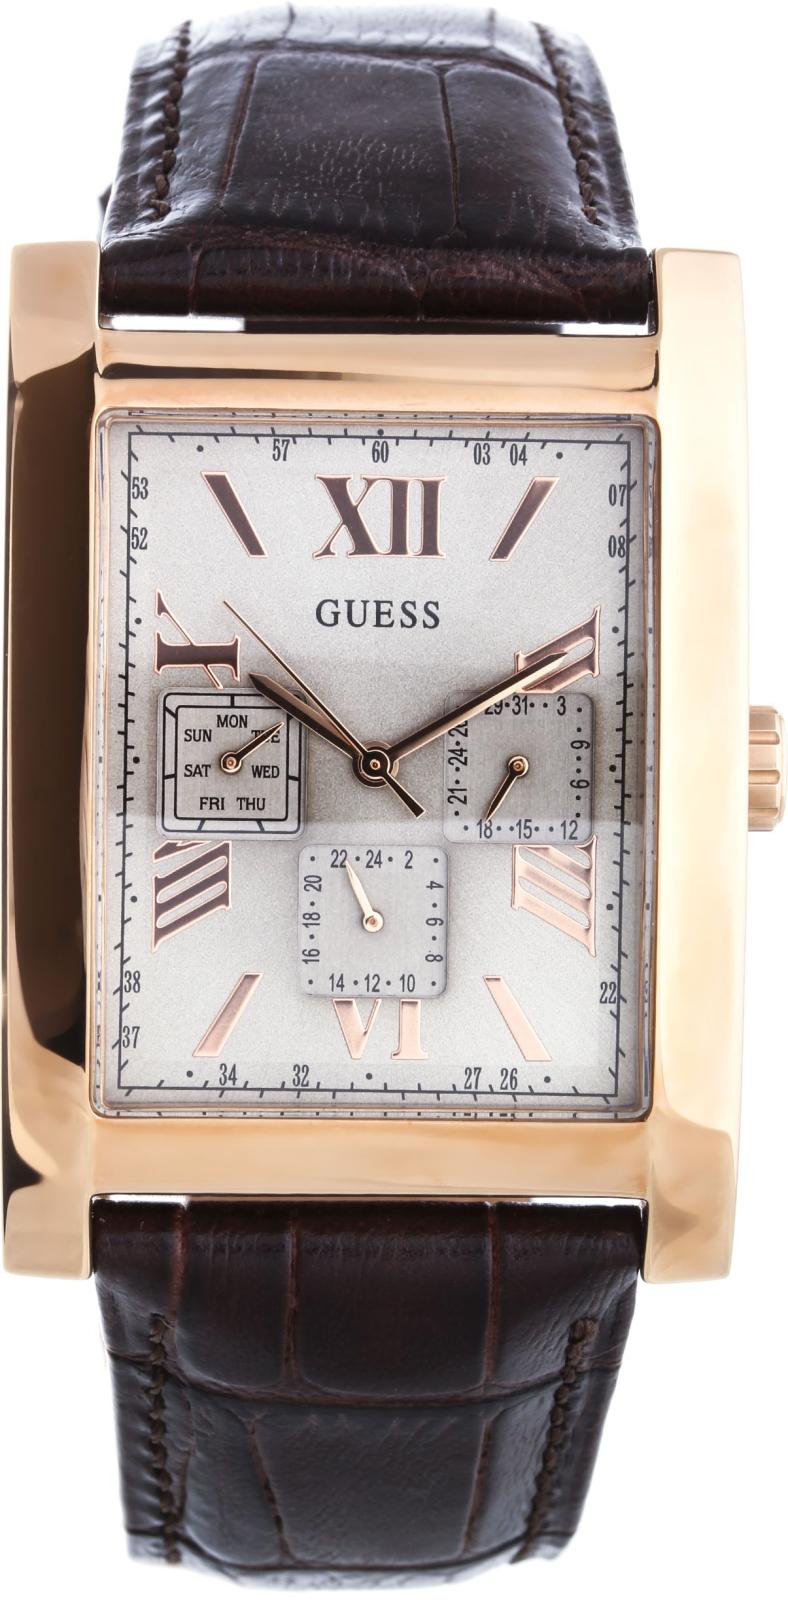 Guess W0370G3Наручные часы<br>Американскиечасы Guess W0370G3Это стильные мужские часы. Материал корпуса часов — сталь+золото. В этой модели стоит минеральное стекло. Водозащита этих часов 30 м. Основной цвет циферблата серебристый. Циферблат содержит часы, минуты, секунды. В данной модели используются следующие усложнения: дата, день недели, . Корпус часов в диаметре 33мм.<br><br>Пол: Мужские<br>Страна-производитель: США<br>Механизм: Кварцевый<br>Материал корпуса: Сталь<br>Материал ремня/браслета: Кожа<br>Водозащита, диапазон: None<br>Стекло: Минеральное<br>Толщина корпуса: 10<br>Стиль: Классика